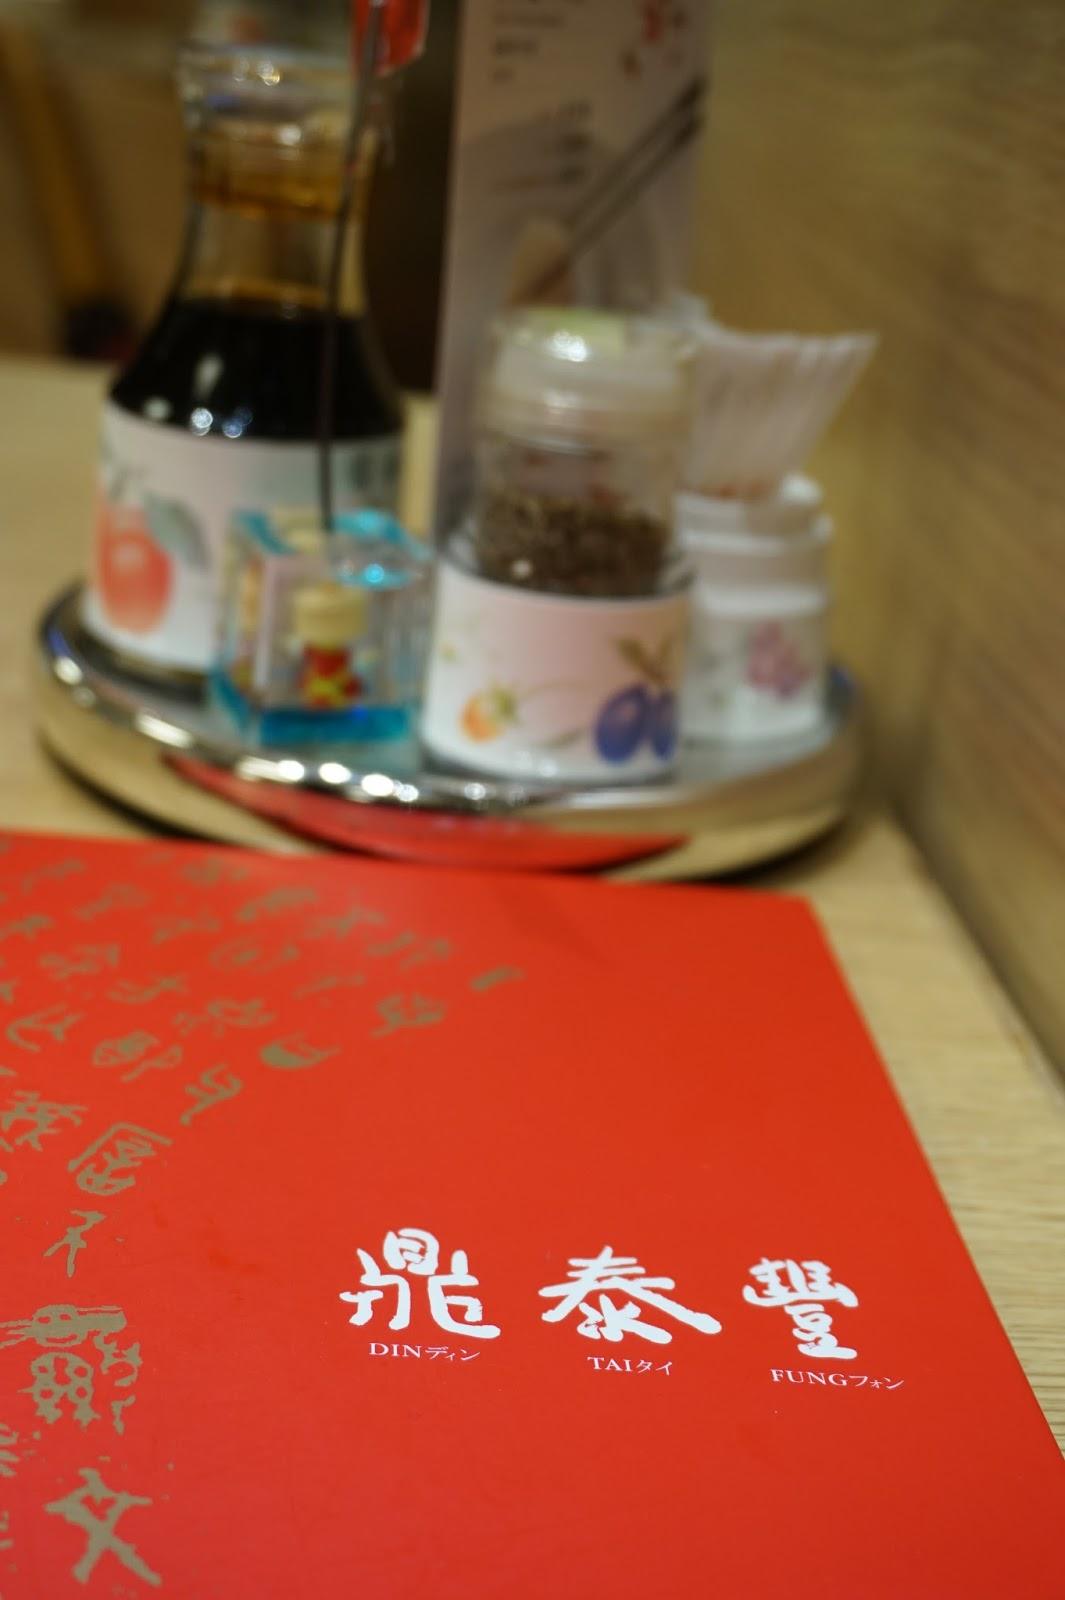 Din Tai Fung restaurant Xinyi Road Taipei Taiwan dumplings xiao long bao menu